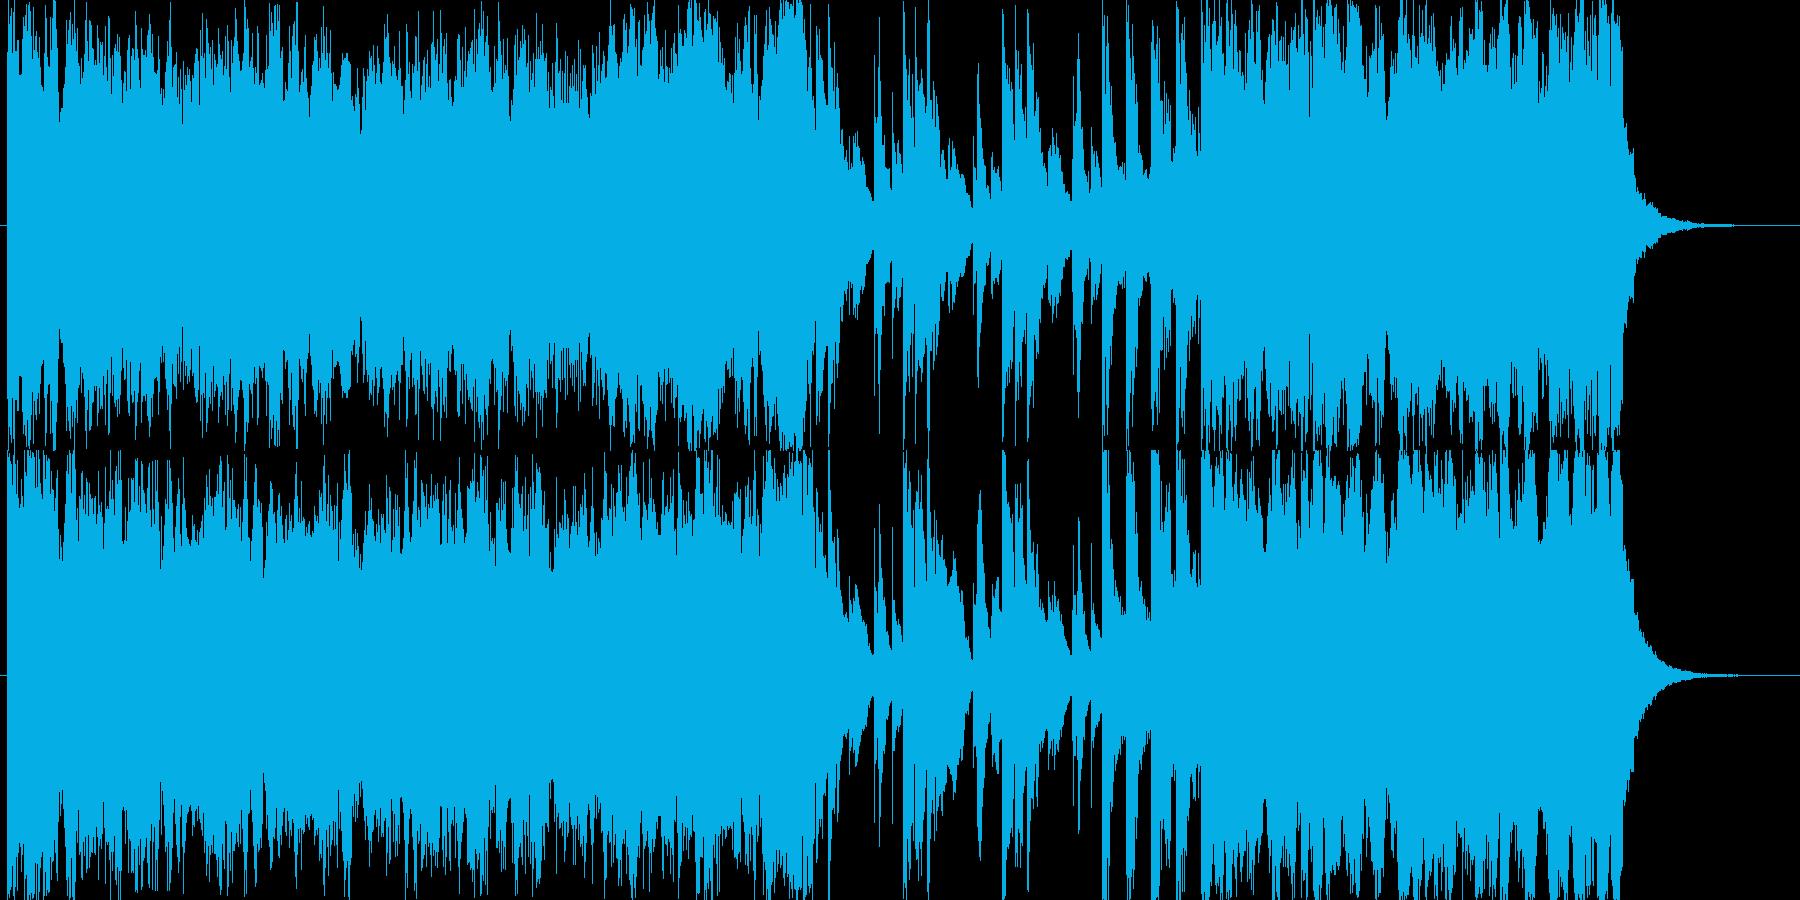 オープニングSEをイメージした明るい楽曲の再生済みの波形